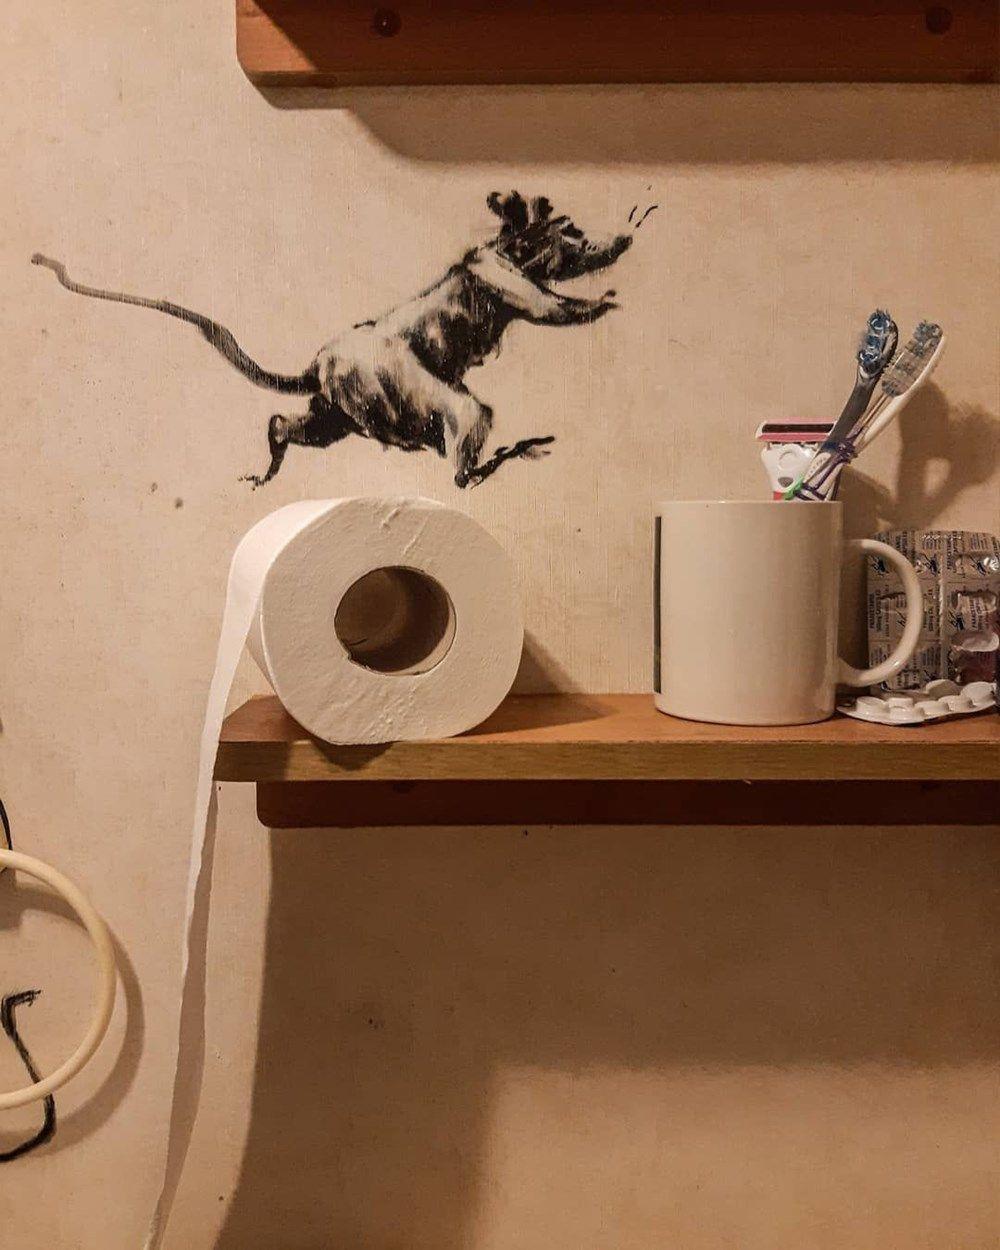 Sokak sanatçısı Banksy evde kalırsa! - Sayfa 4